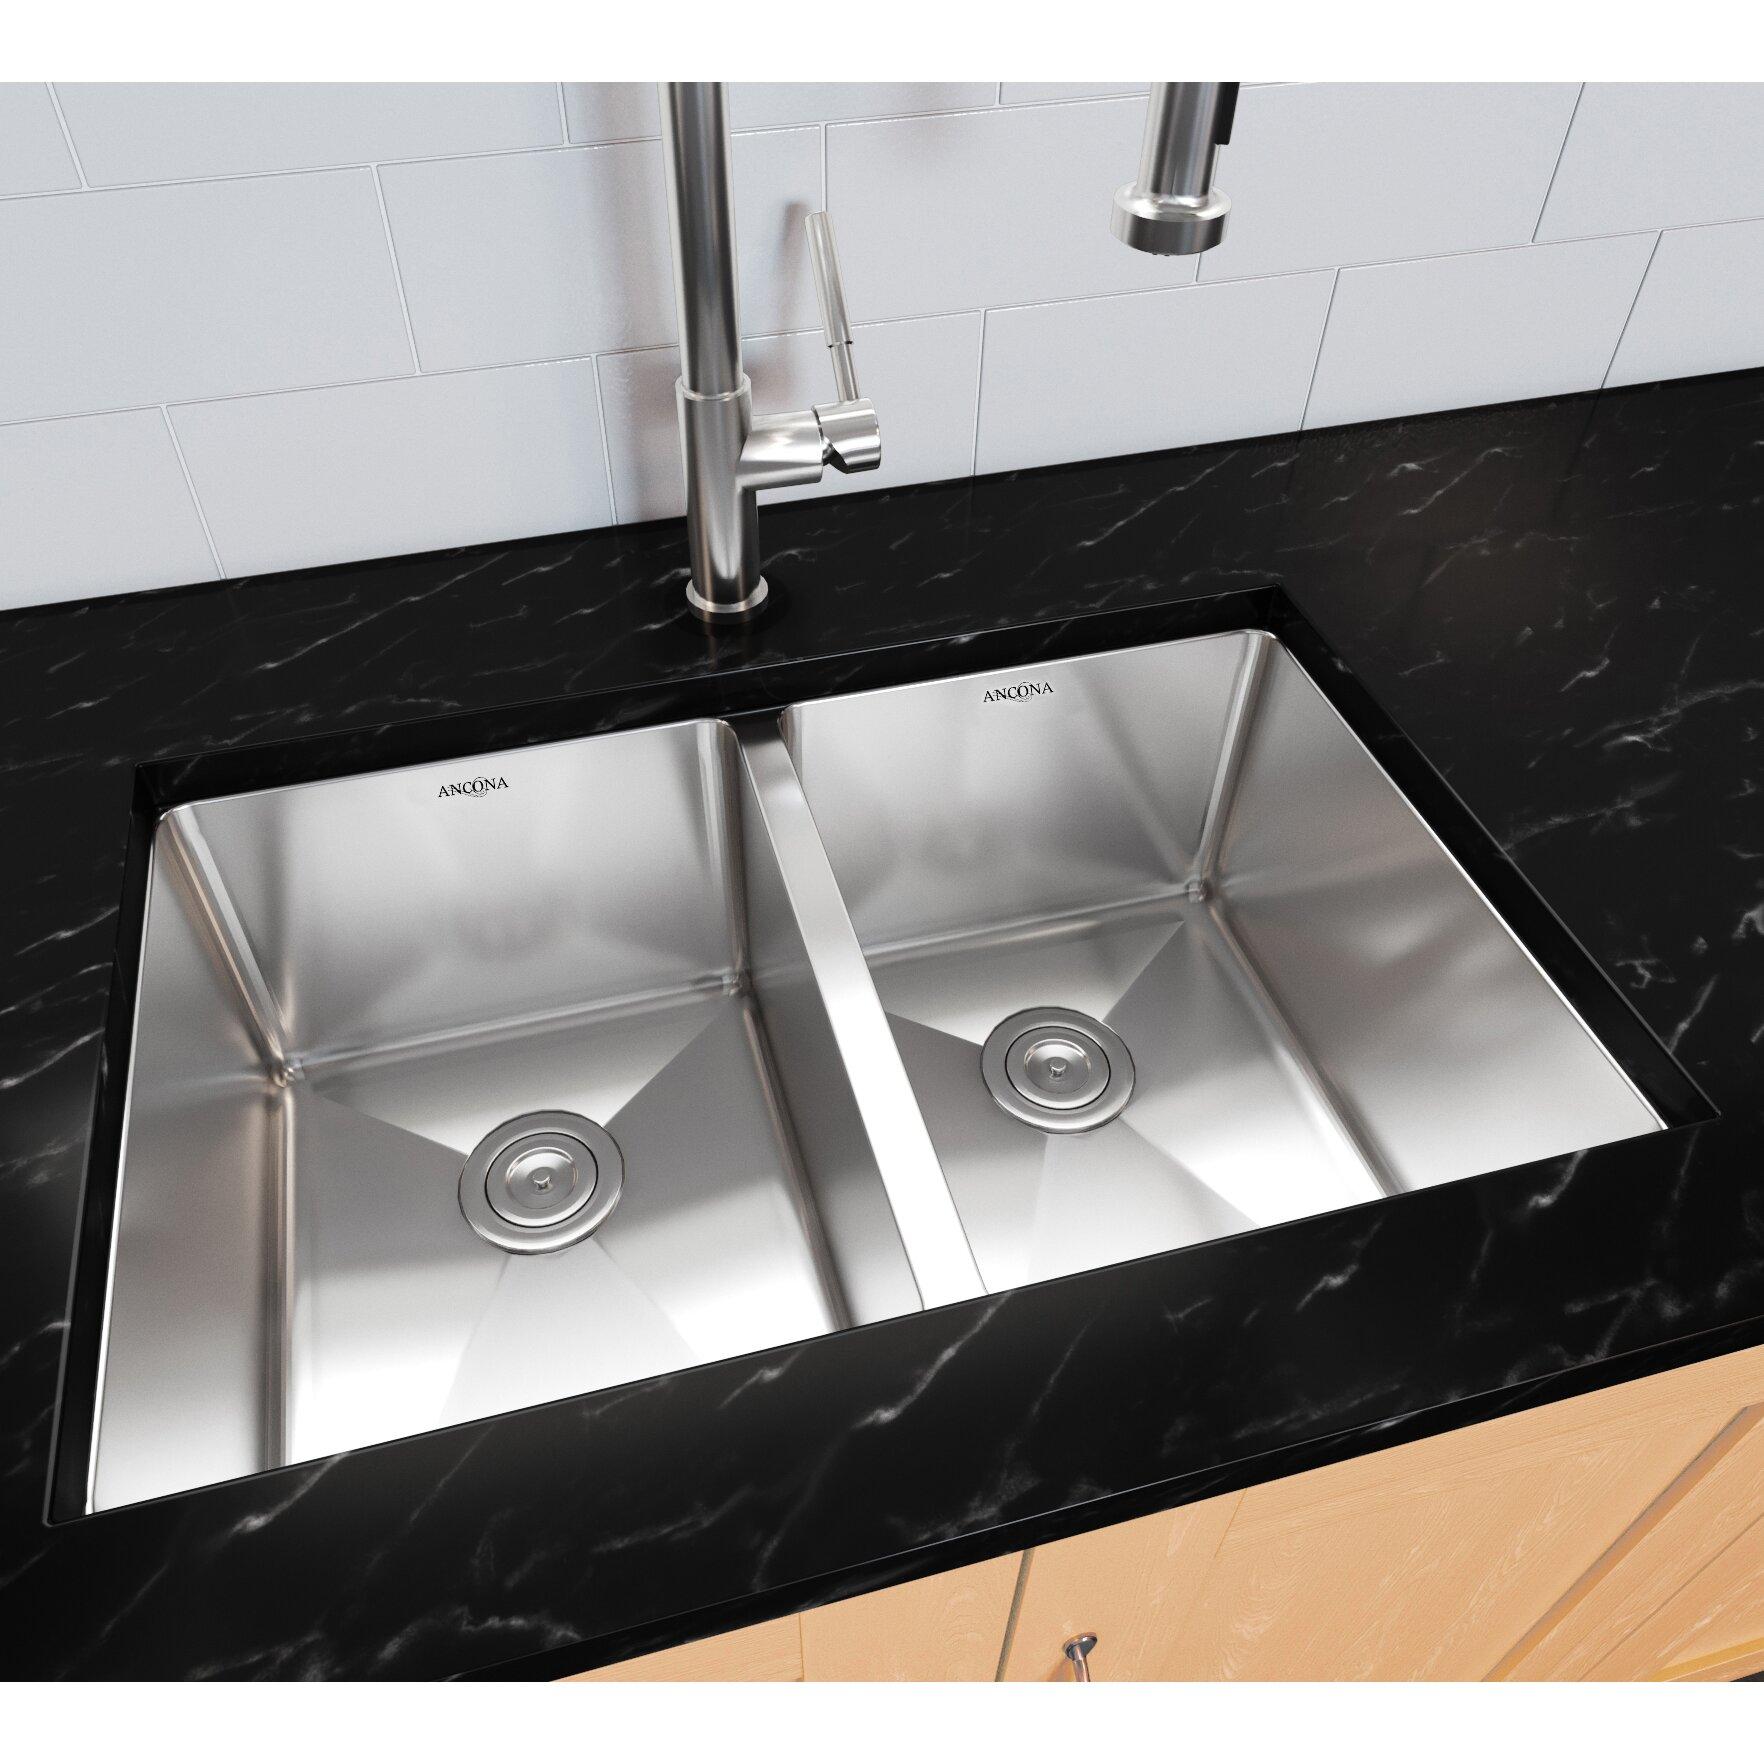 Prestige Kitchen Sink : ... Kitchen Sinks Fixtures Etc Kitchen Bath. Ancona Prestige Series